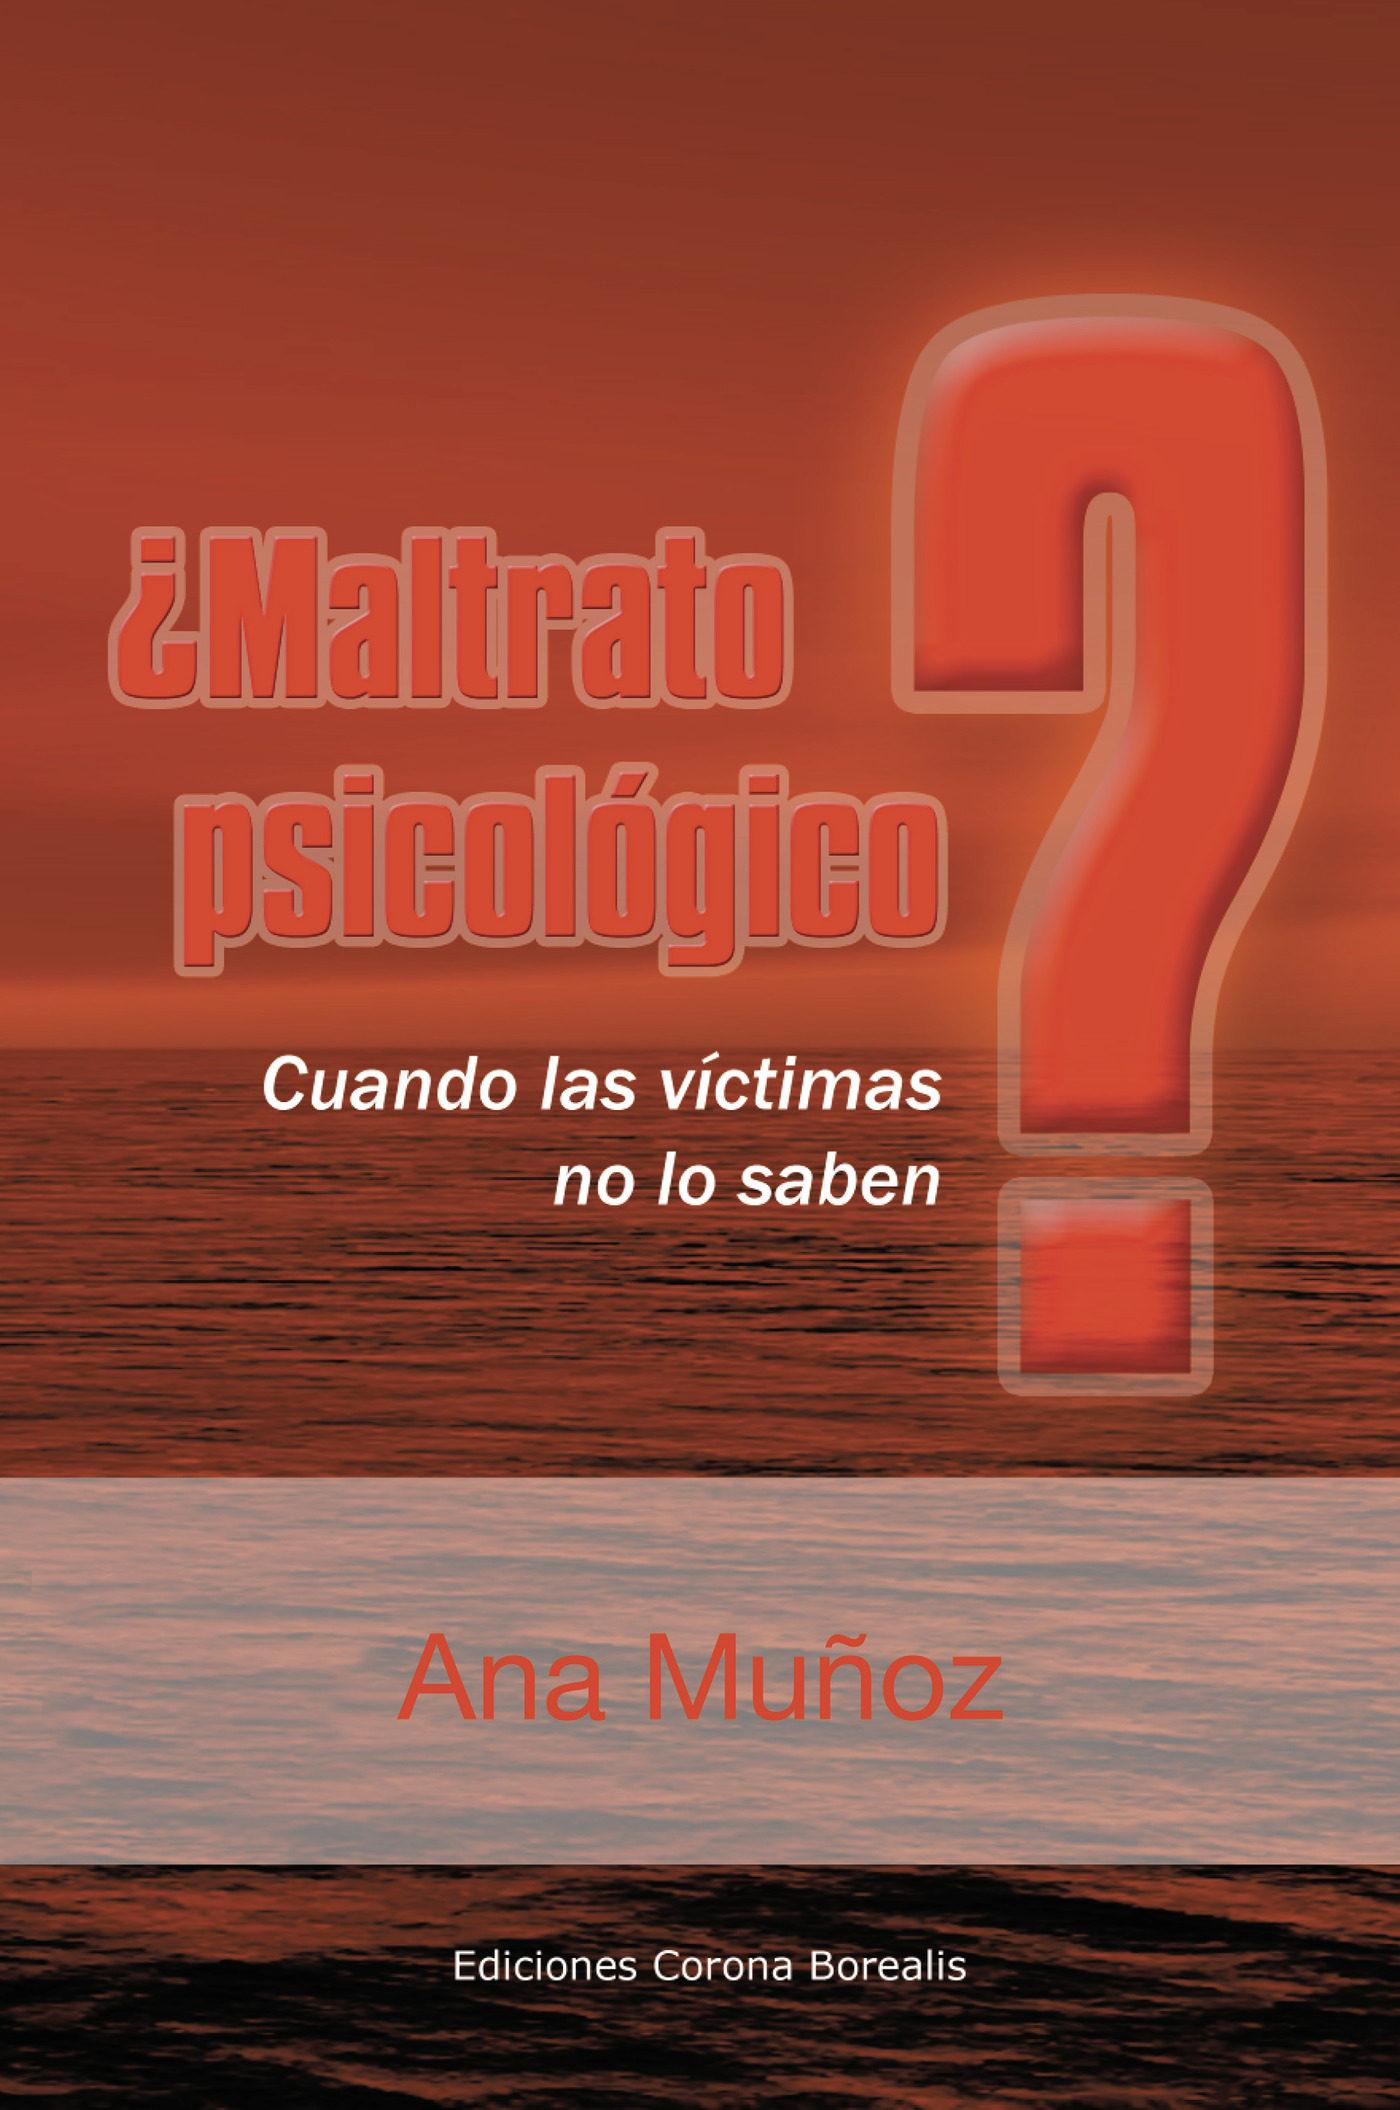 ¿maltrato Psicologico? Cuando Las Victimas No Lo Saben por Ana Muñoz